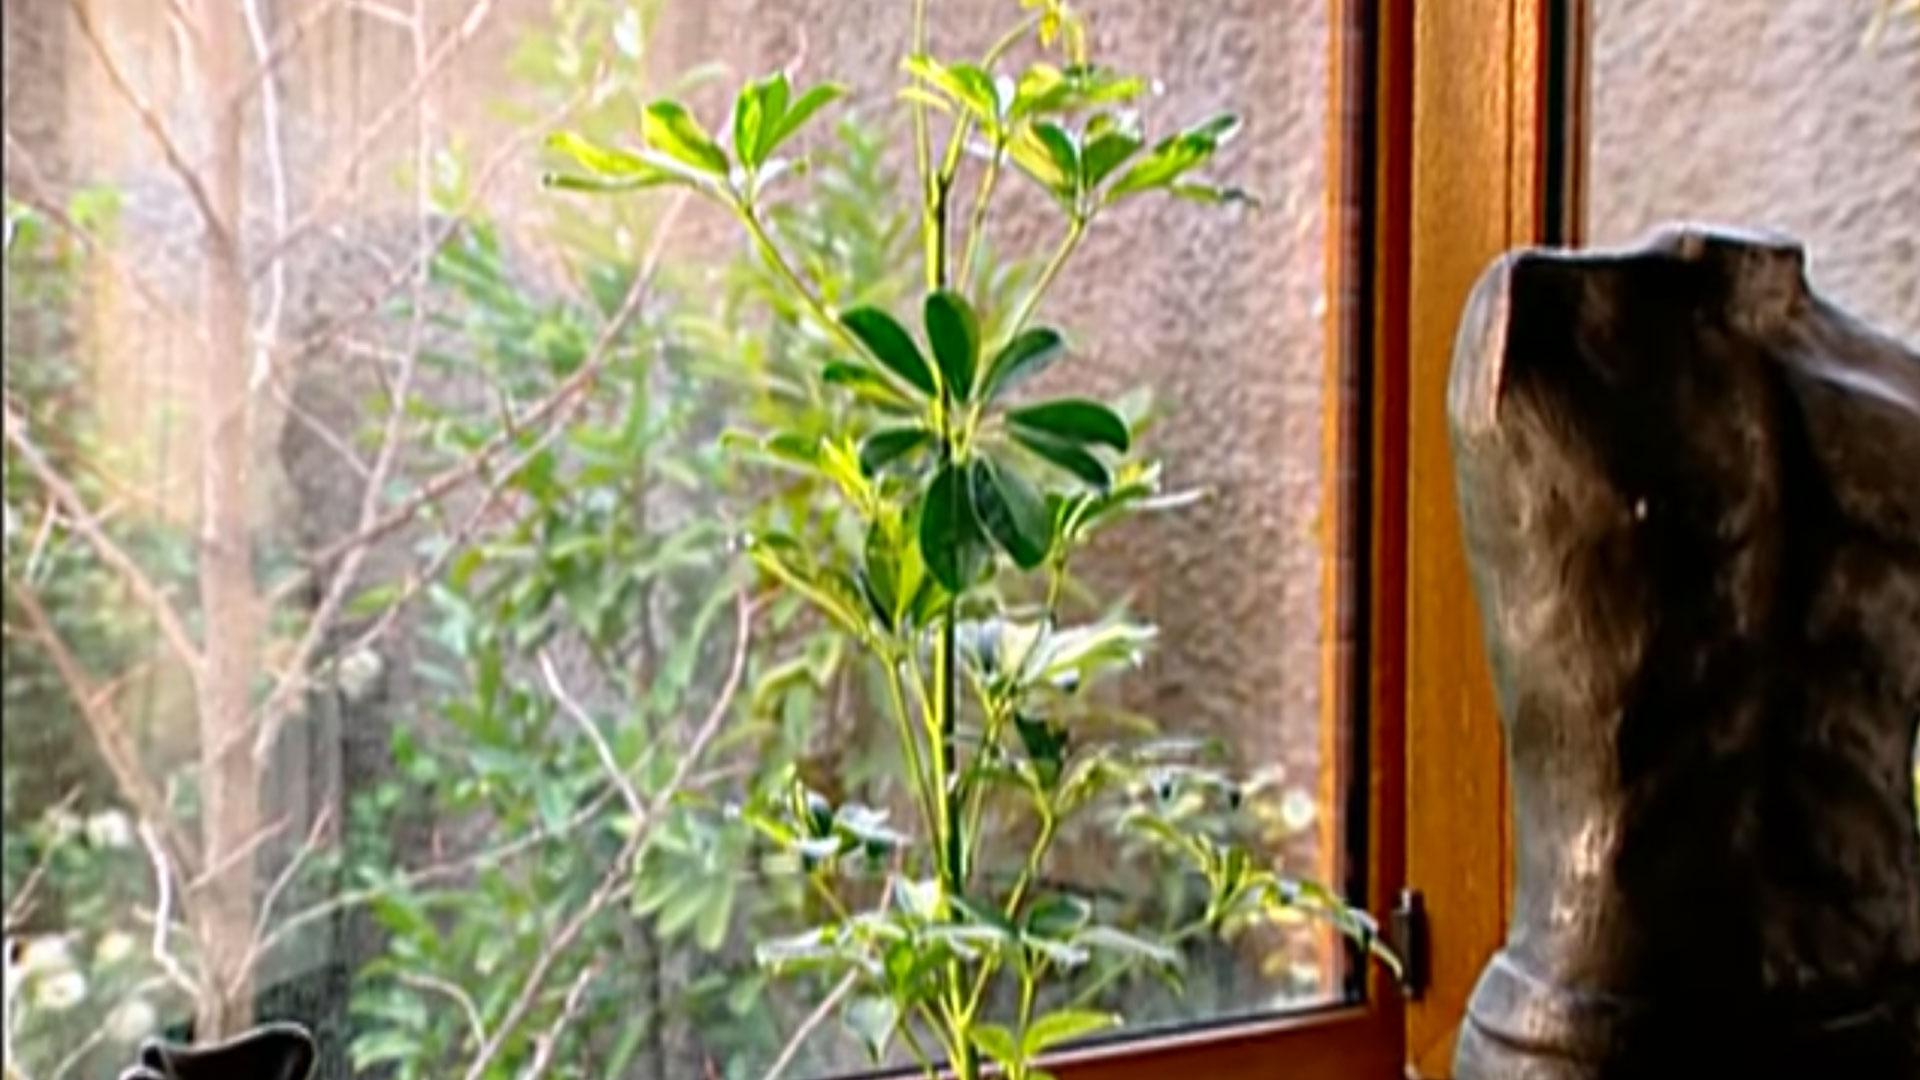 Las plantas que están en el interior de la casa necesitan ciertos cuidados diferentes a las plantas que normalmente mantenemos en el exterior, ya que la mayoría son originarias de climas subtropicales que se caracterizan por temperaturas constantes y bastante humedad. En invierno las afecta mucho la calefacción y el encierro; mientras que en el verano sufren de deshidratación y calor.